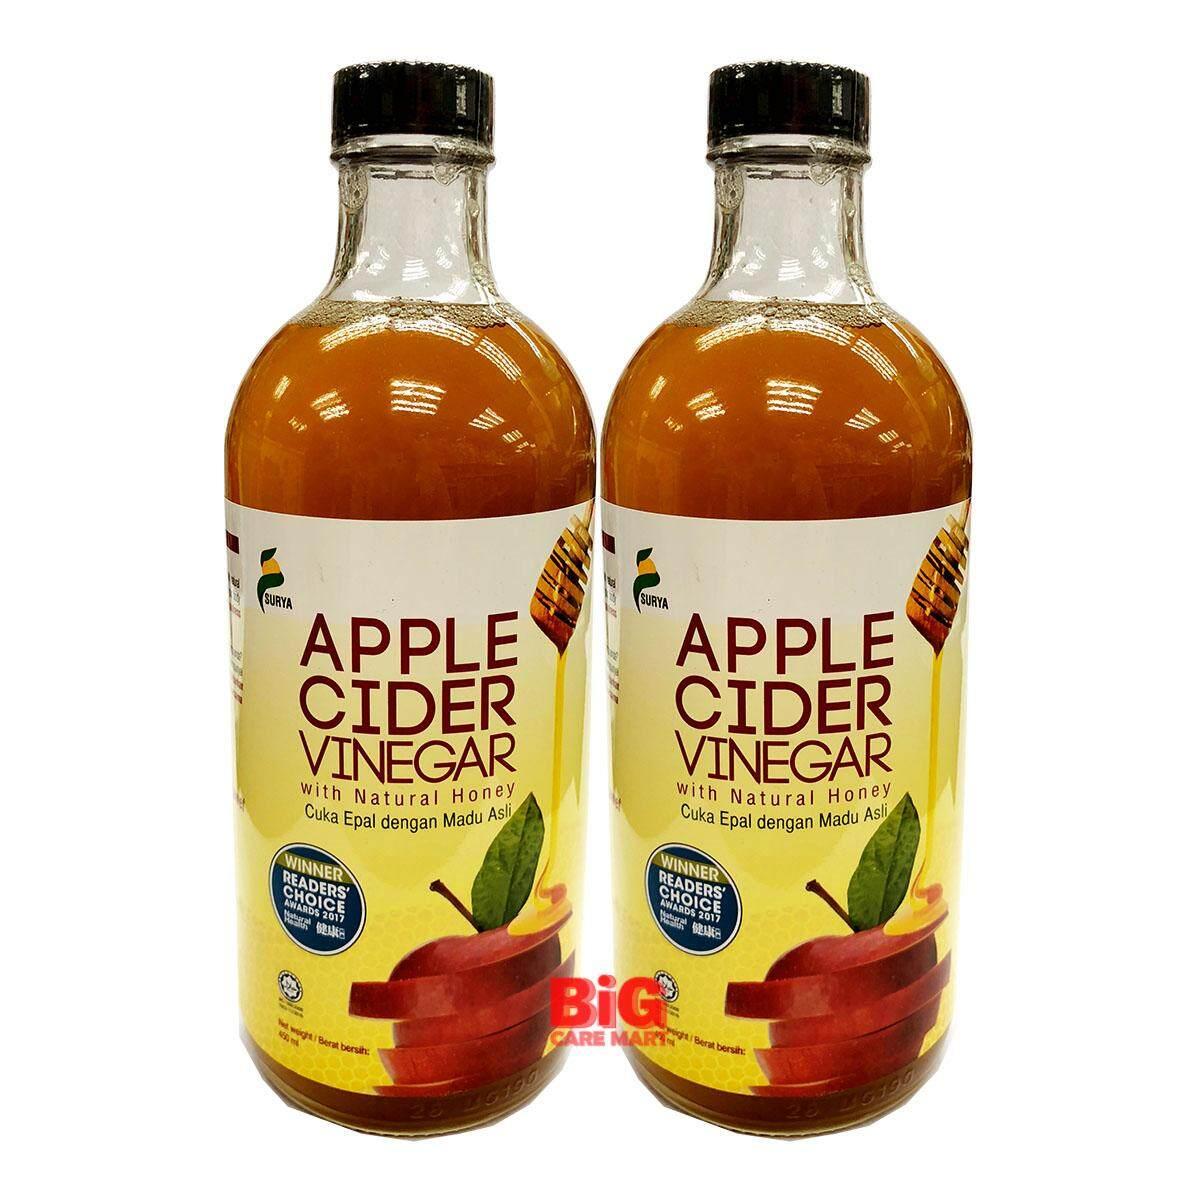 Surya Apple Cider Vinegar with Natural Honey 450ml [Halal] X 2bottles